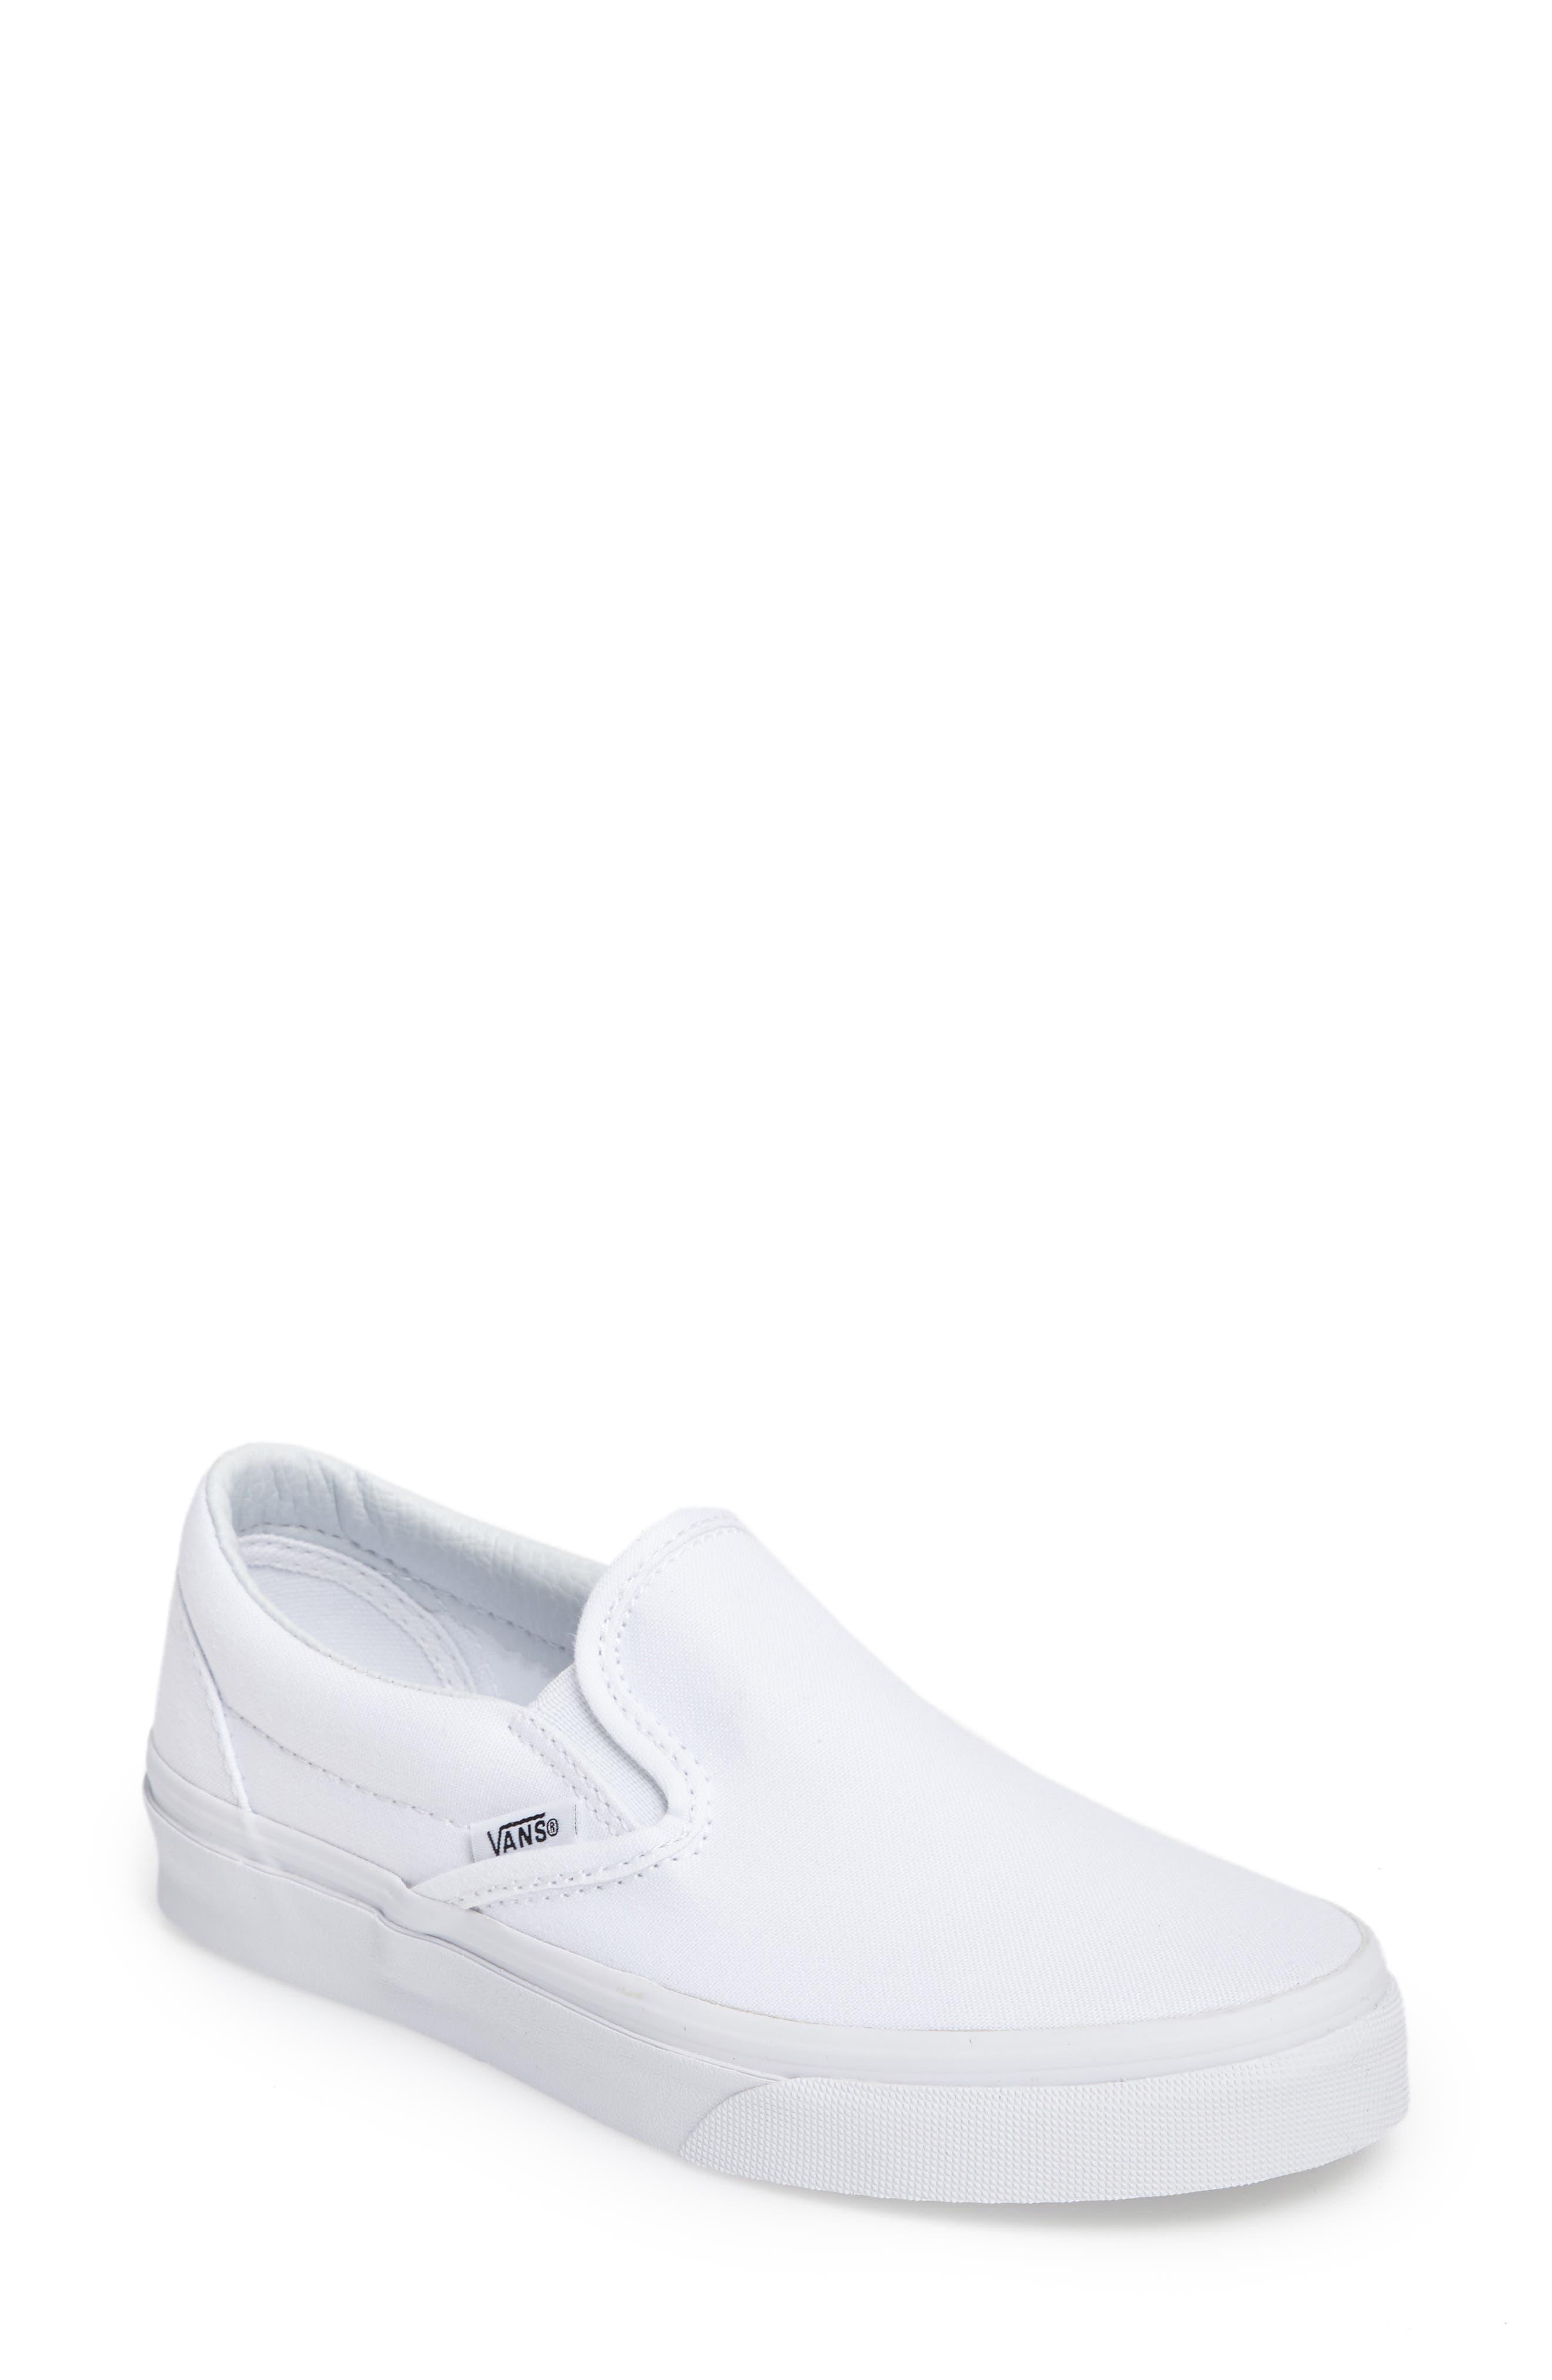 Classic Slip,On Sneaker